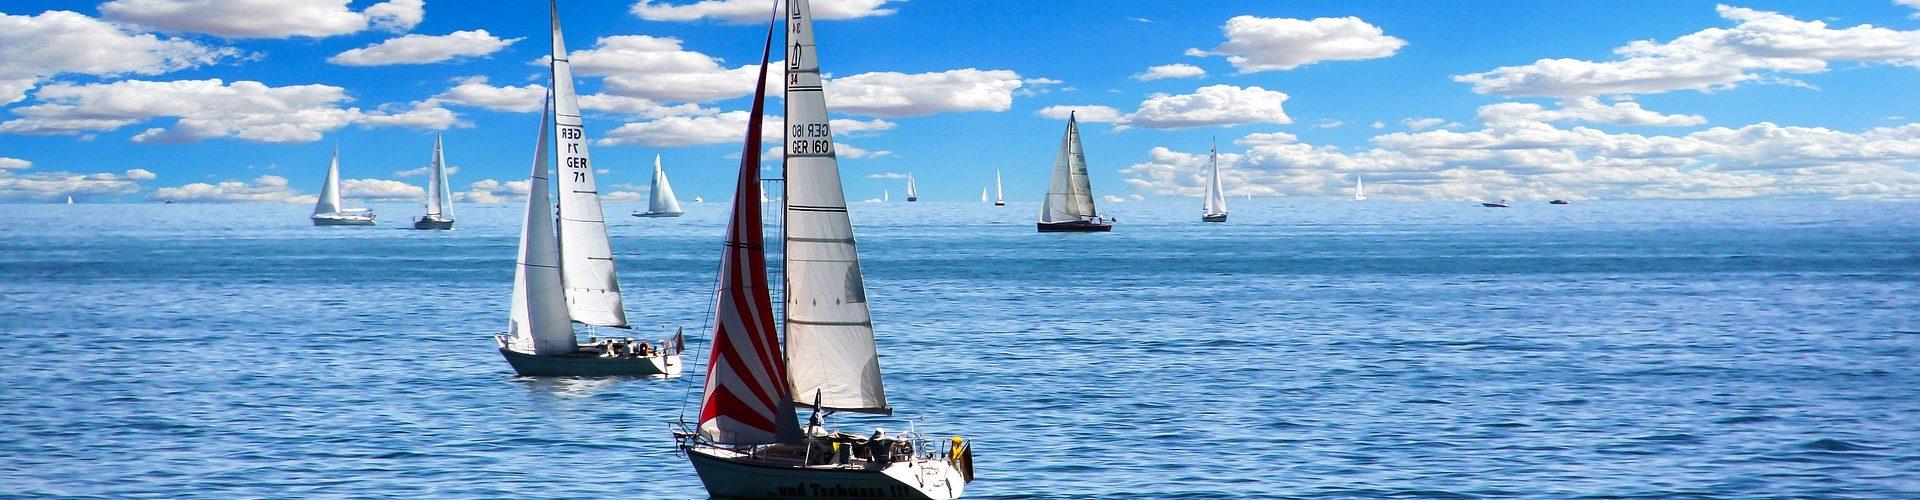 segeln lernen in Roth segelschein machen in Roth 1920x500 - Segeln lernen in Roth